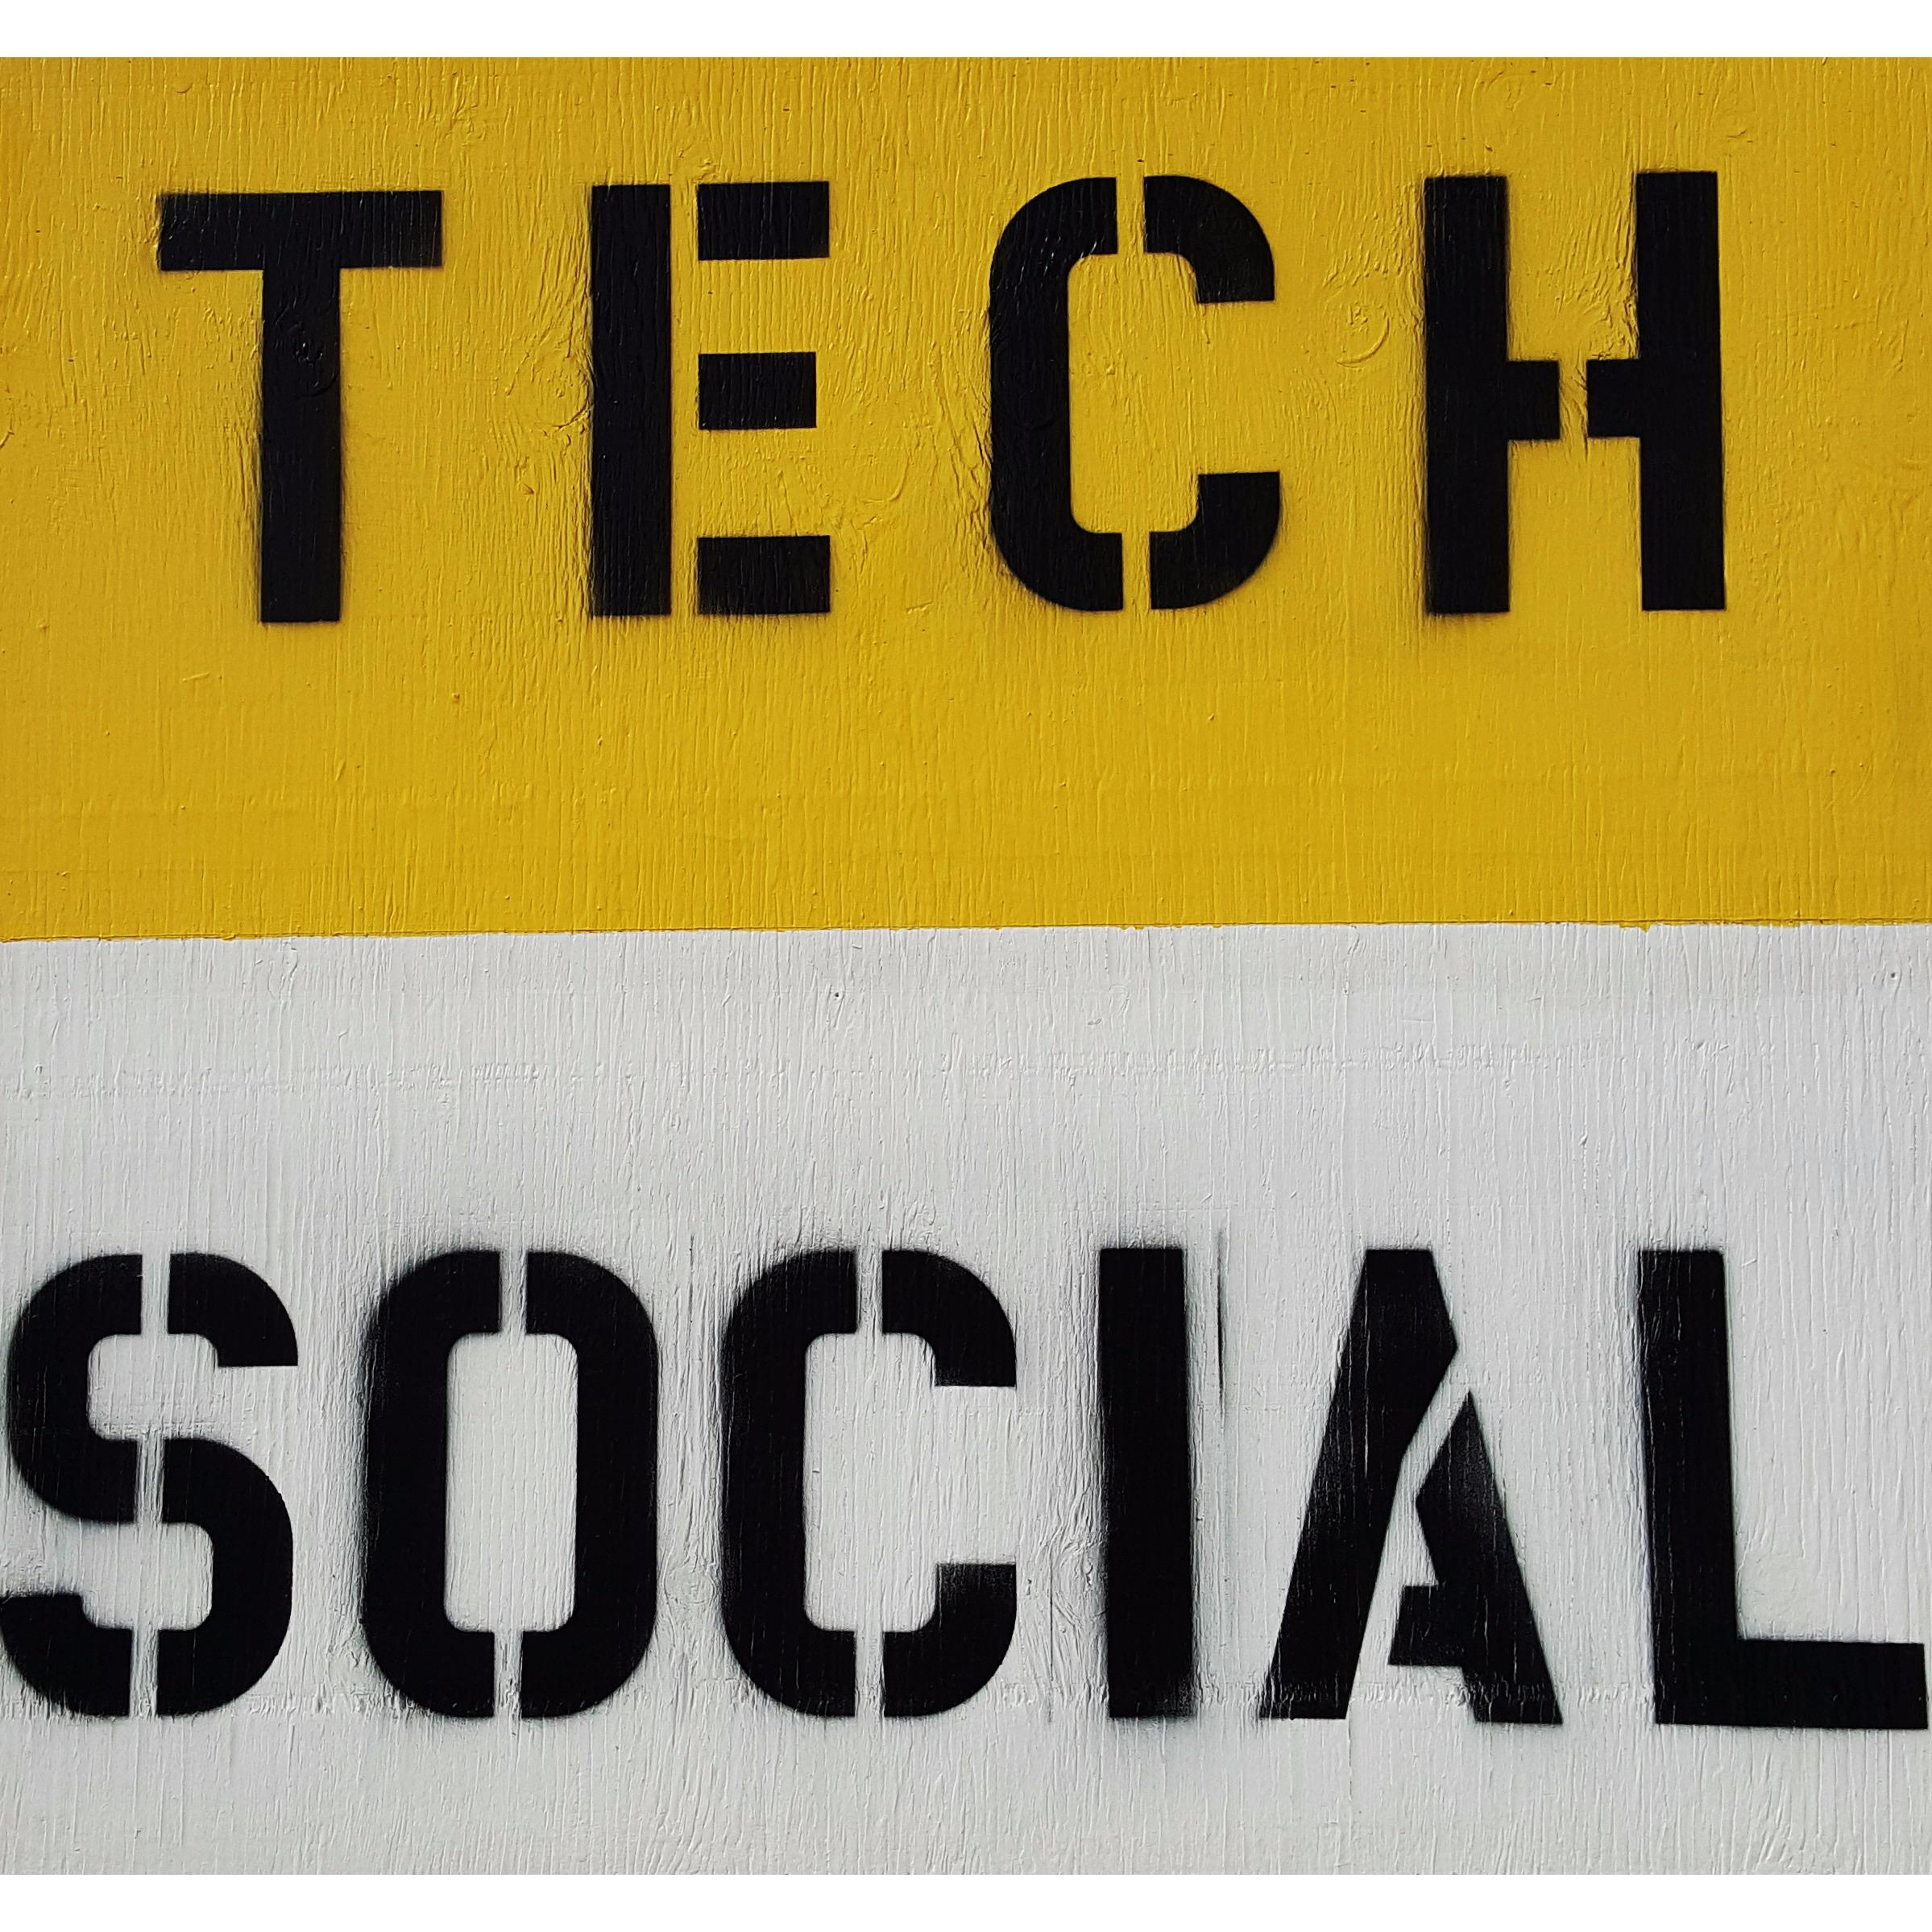 Tech Social